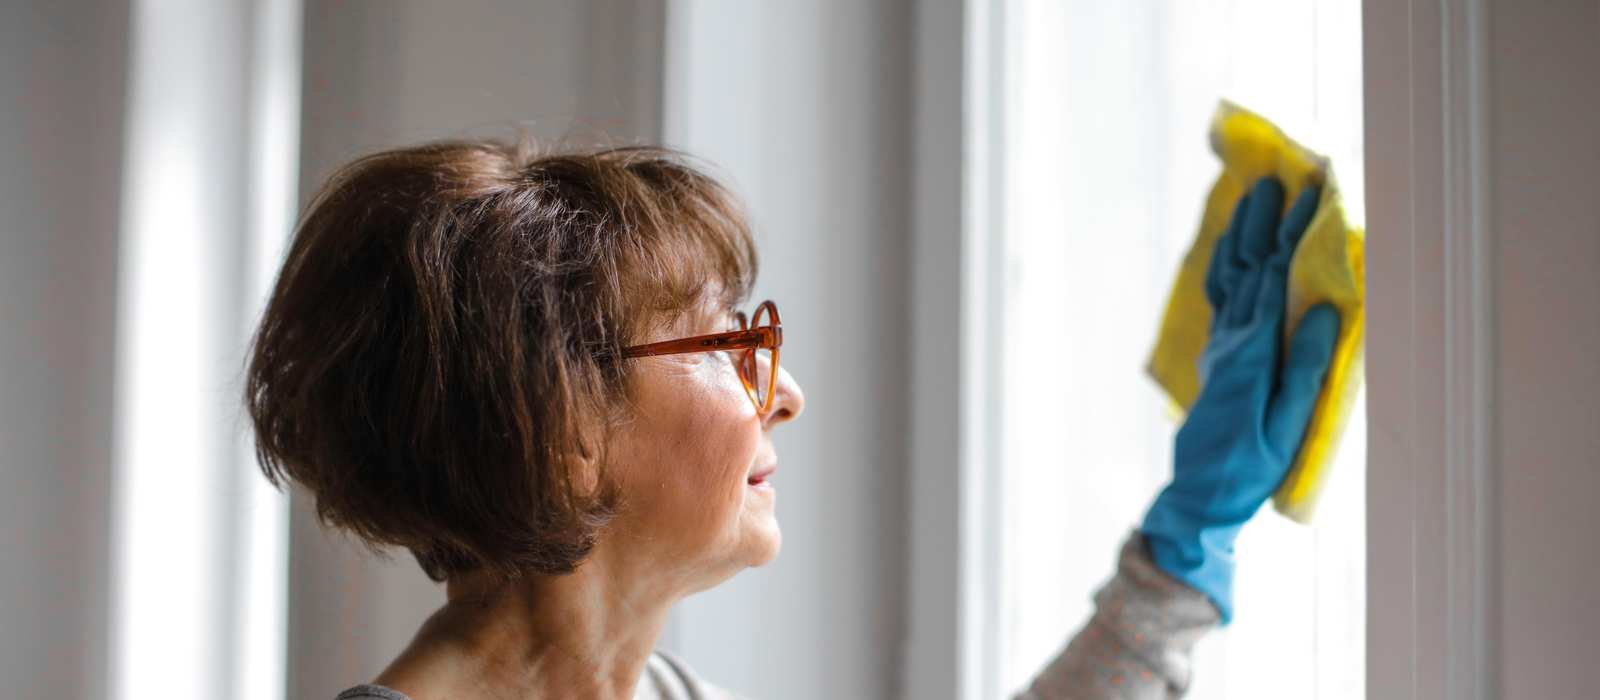 Eine Frau mit Gummihandschuhen putzt ein Fenster. In einer Hand hält sie eine Flasche mit Glasreiniger.